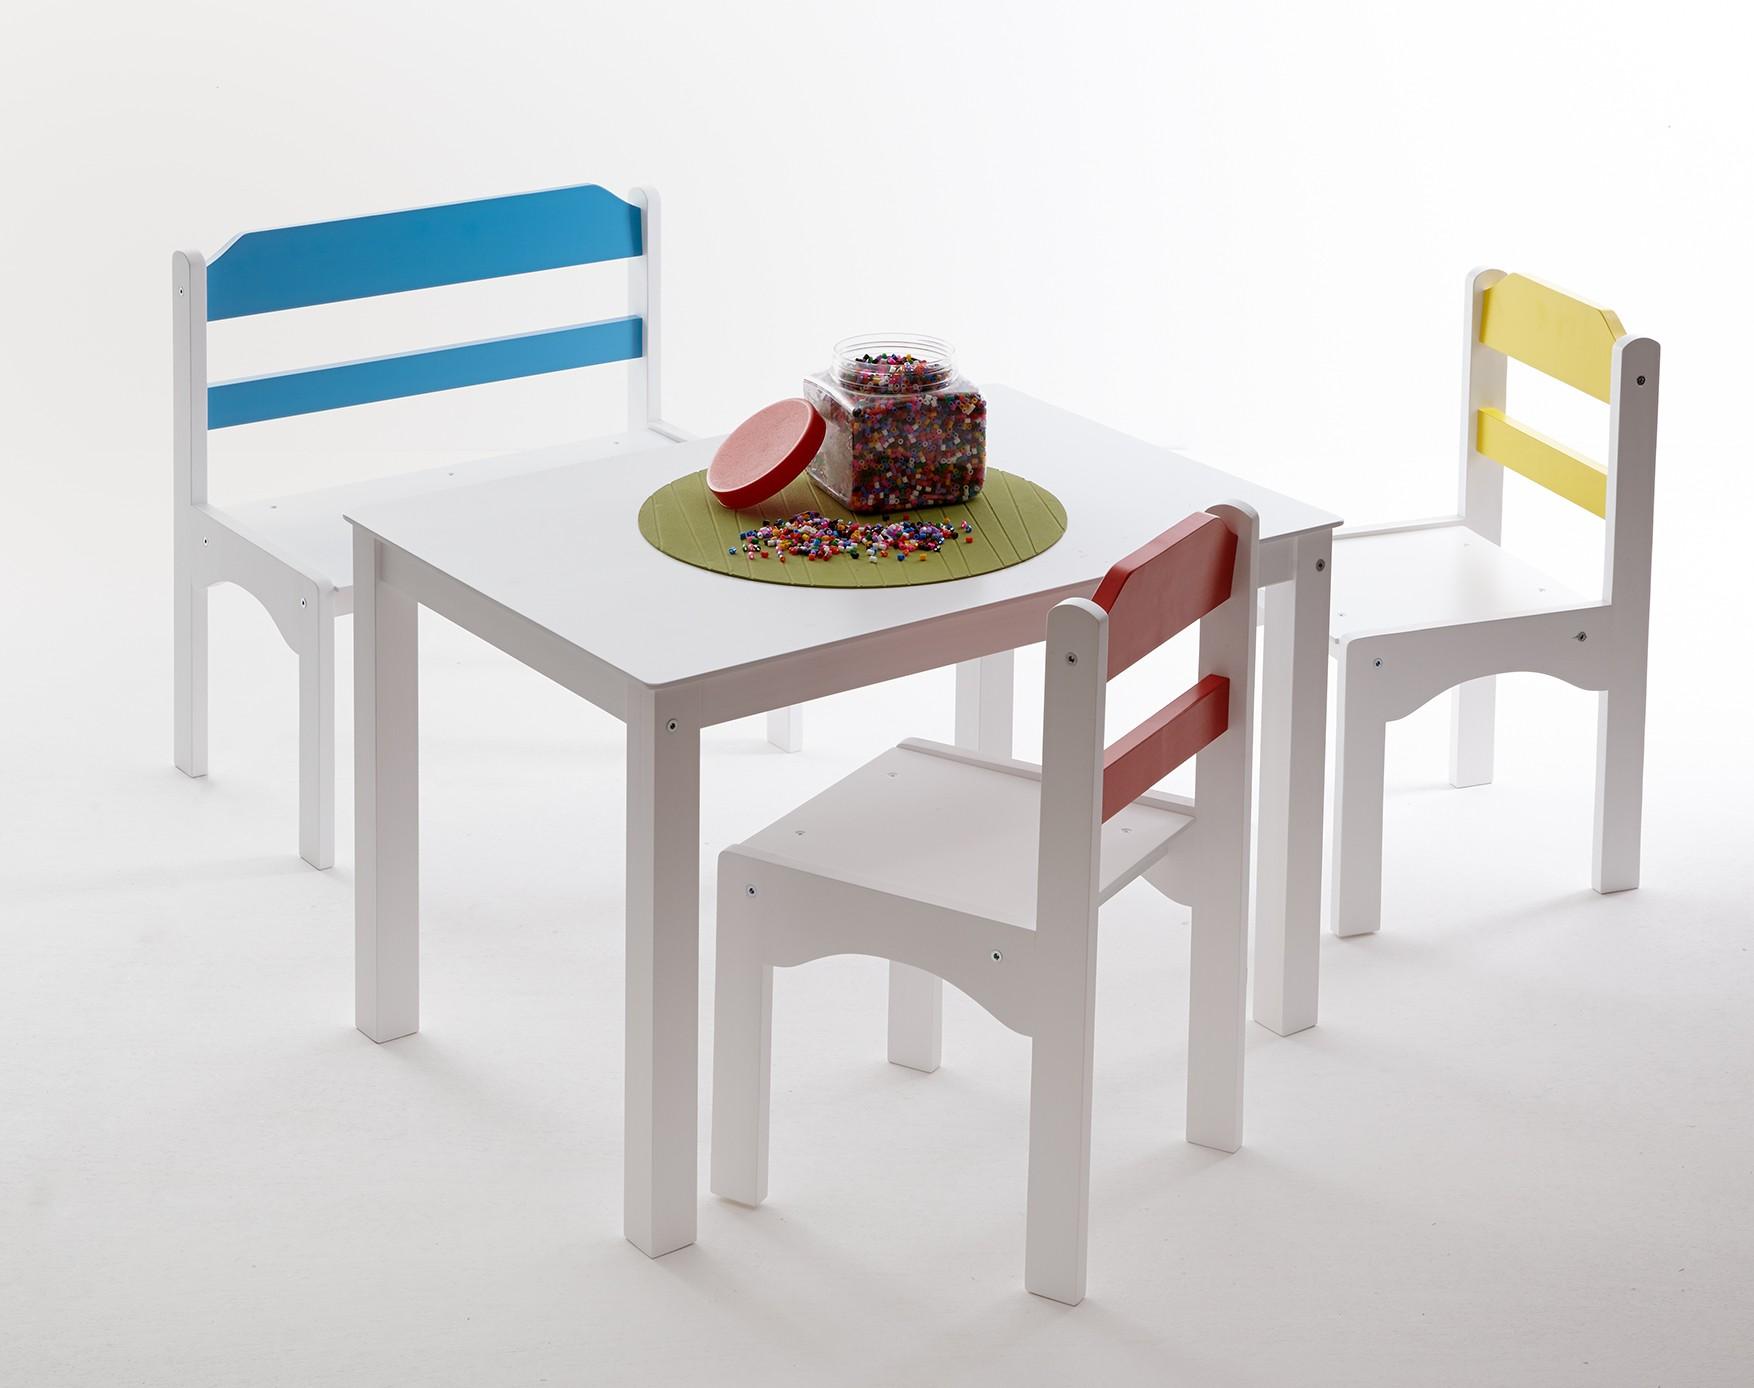 4tlg Tischgruppe Für Kinder Mod889263 Kiefer Weiss Hc Möbel